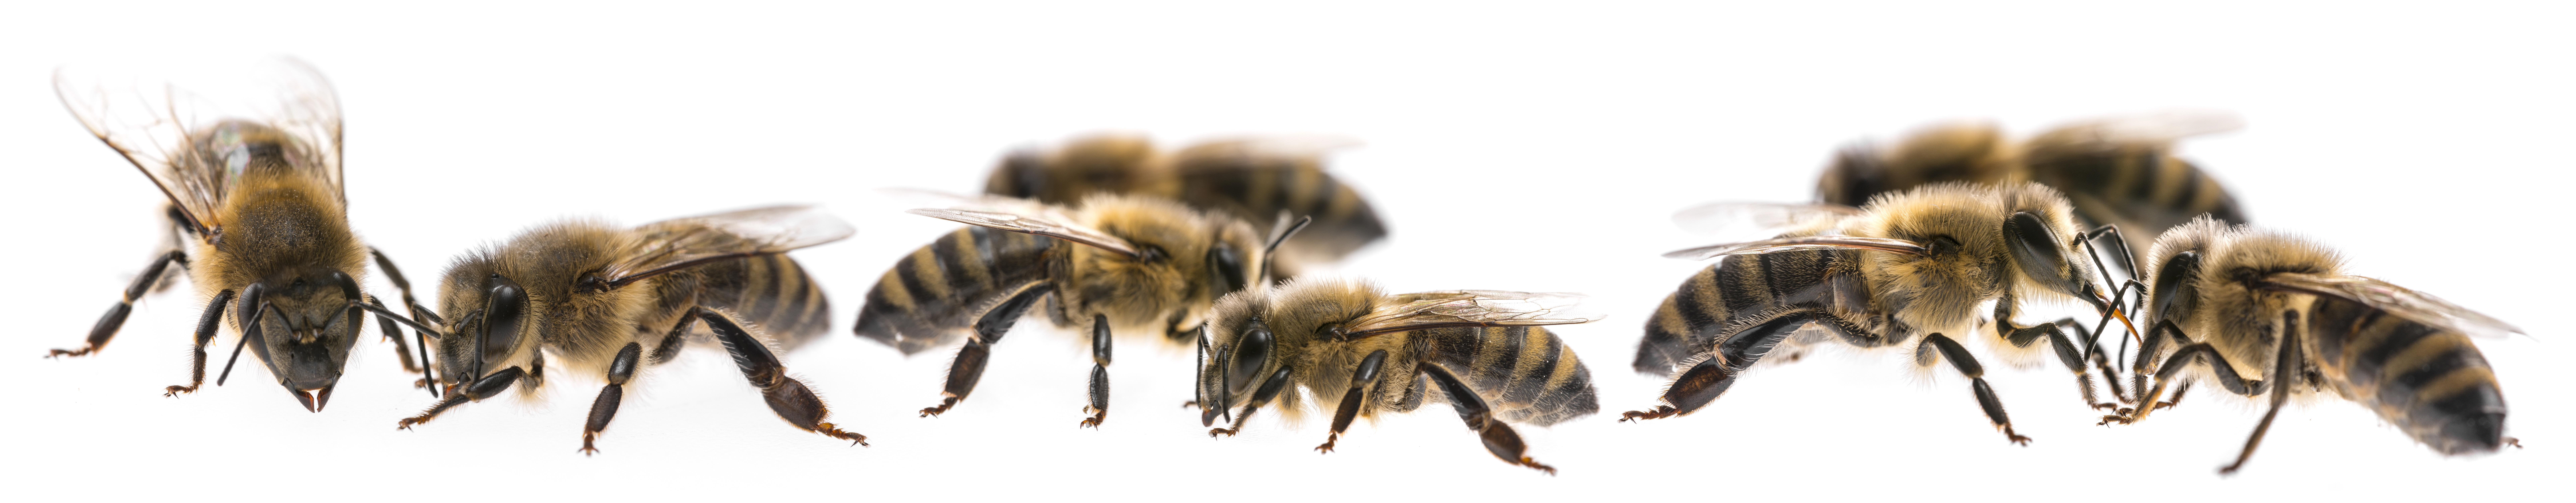 Bienenschwarm Imkerei Marks